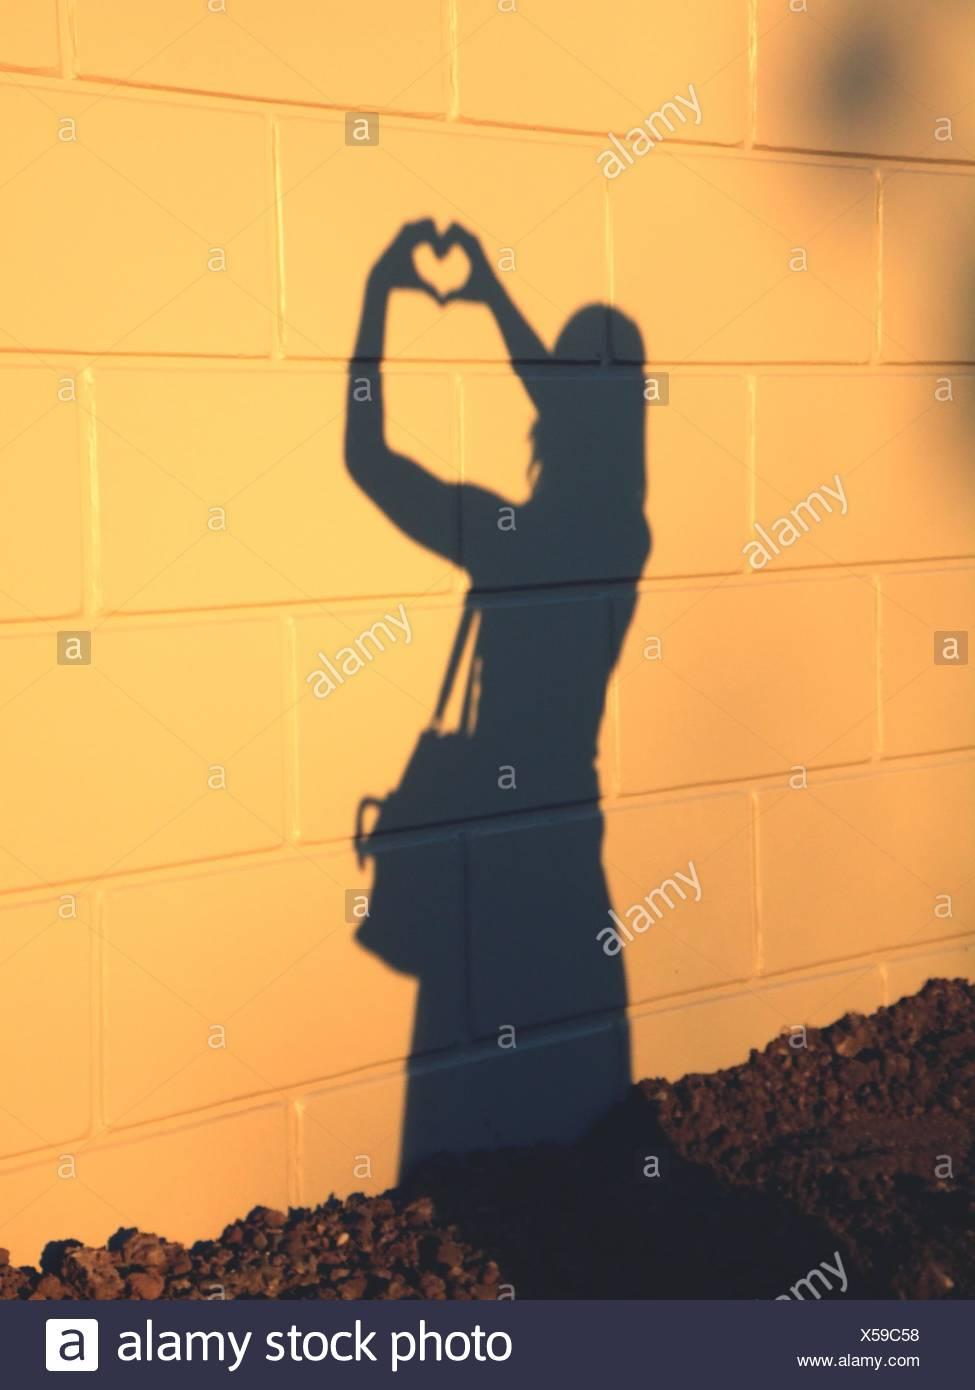 Sombra de Mujer formando corazón sobre la pared de azulejos Foto de stock